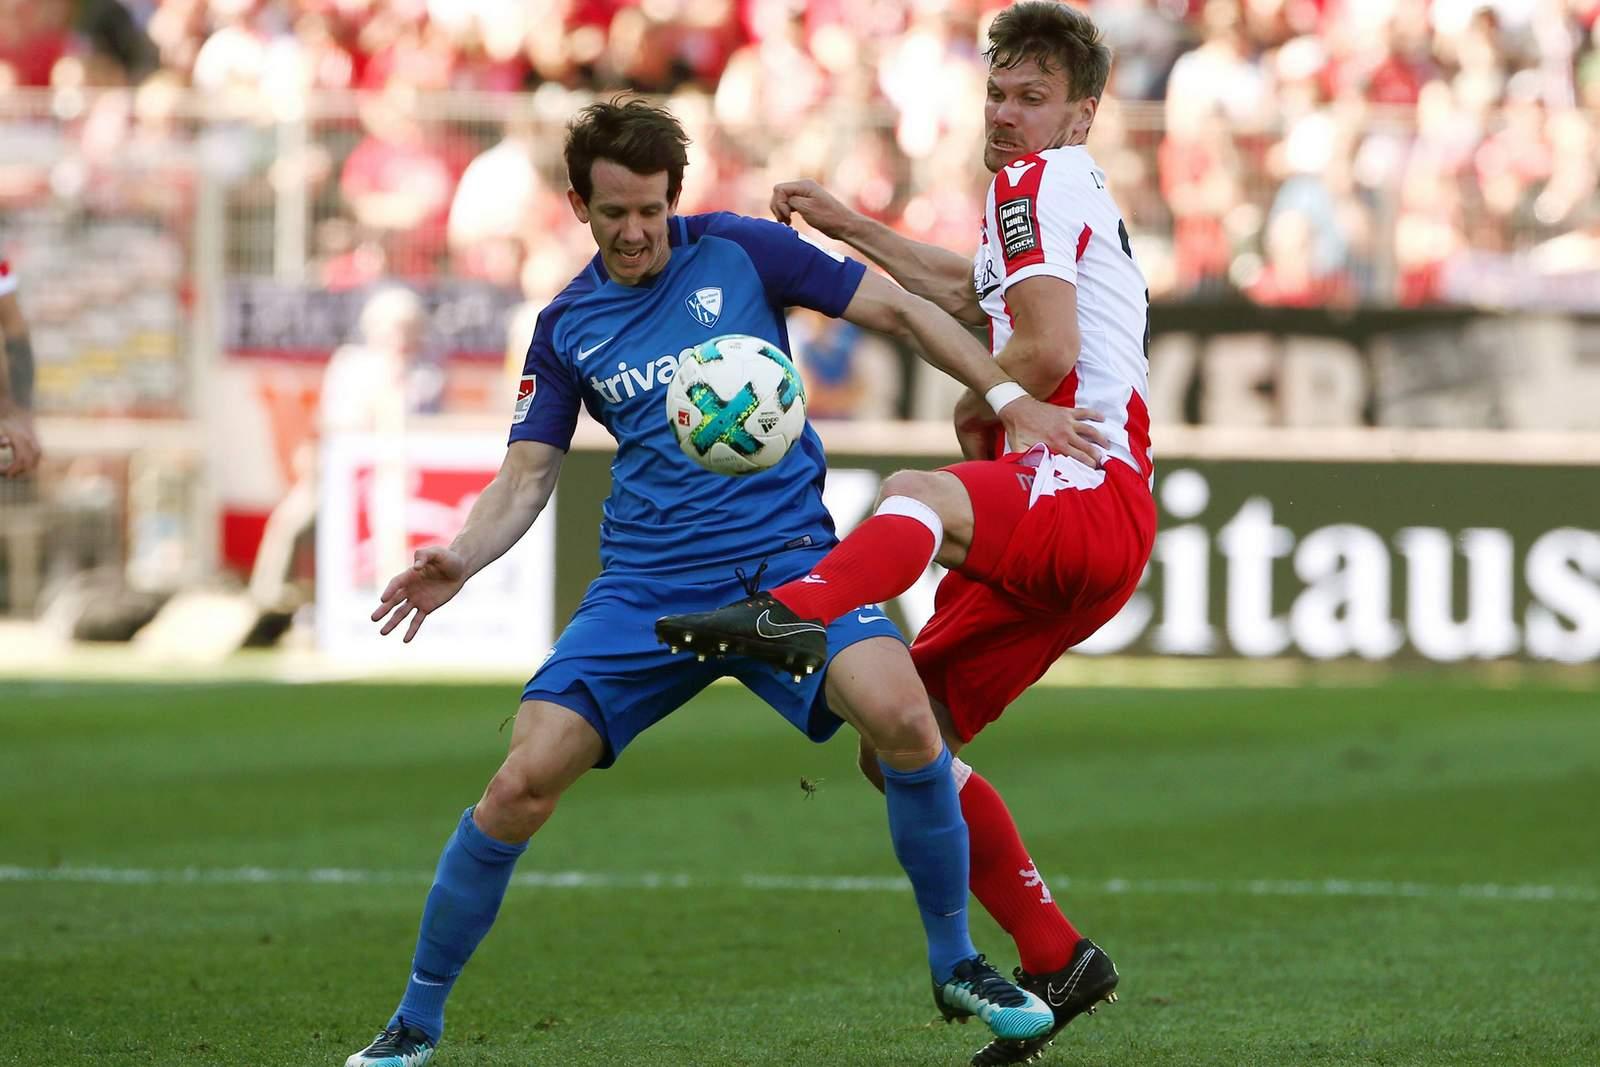 Kann sich Robbie Kruse gegen Michael Parensen behaupten? Jetzt auf Union Berlin gegen VfL Bochum wetten.